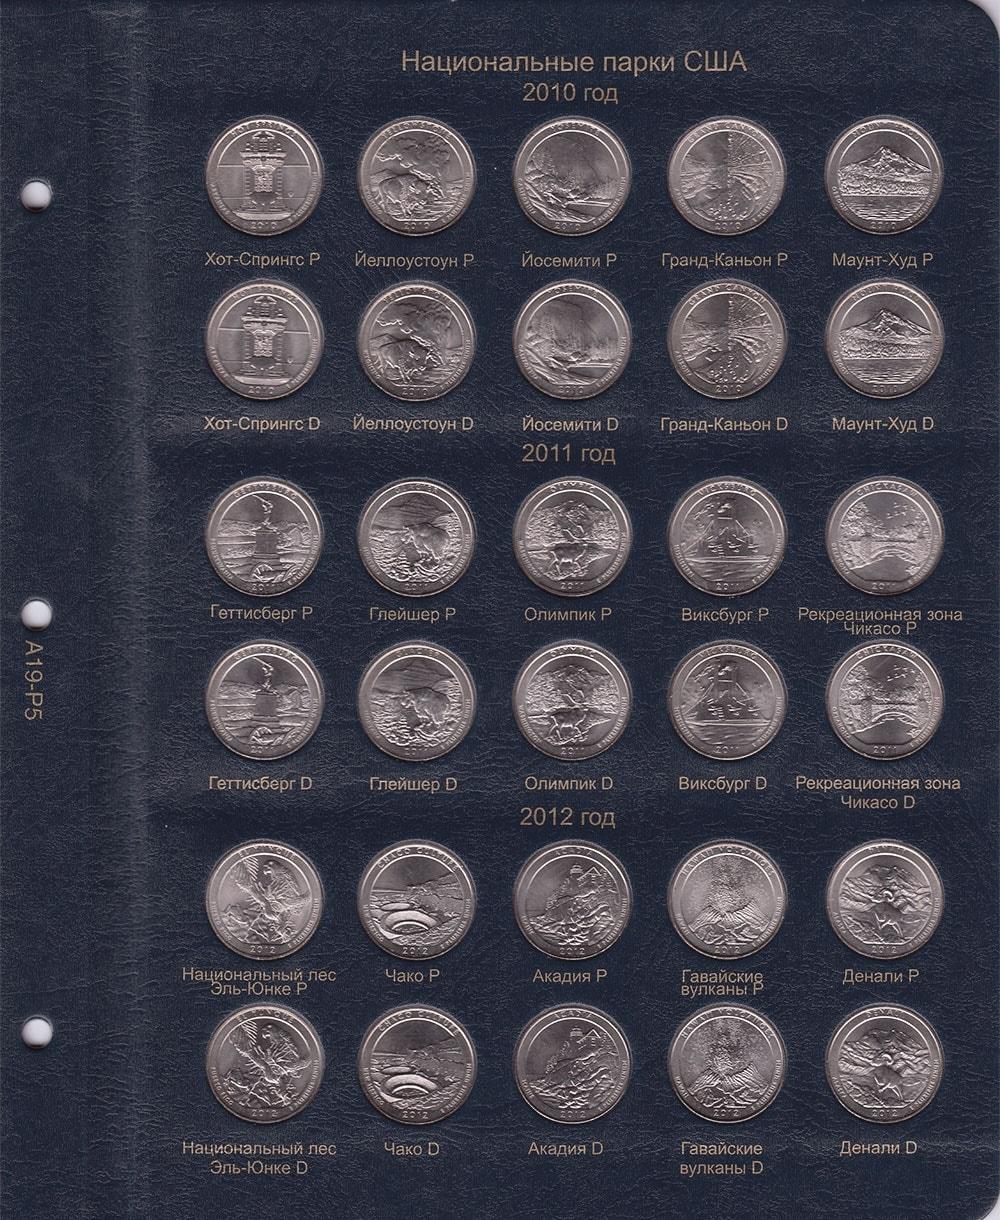 Альбом для монет 25 центов сша бчг